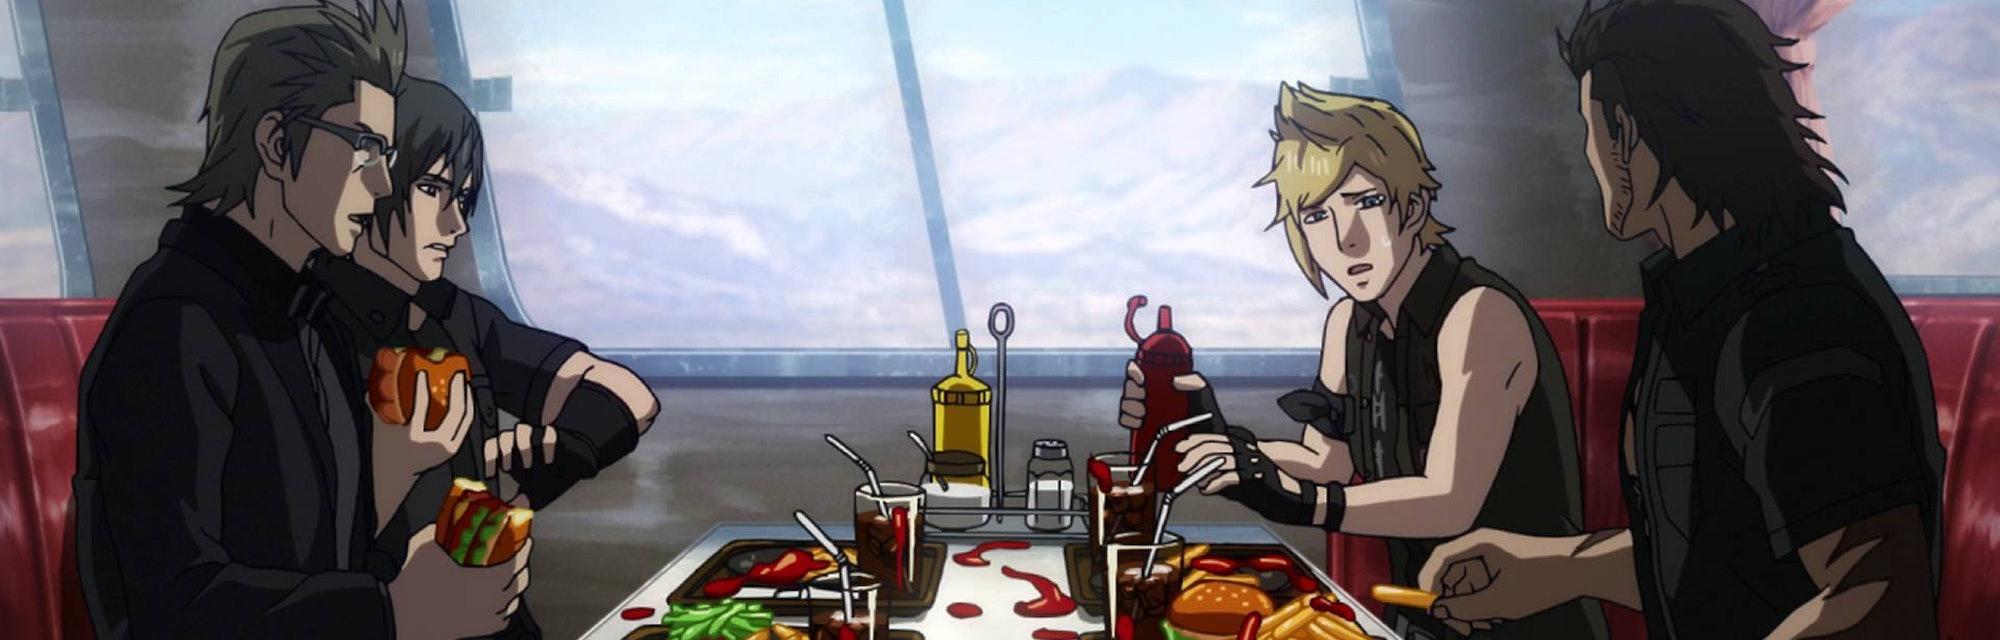 brotherhood final fantasy xv anime